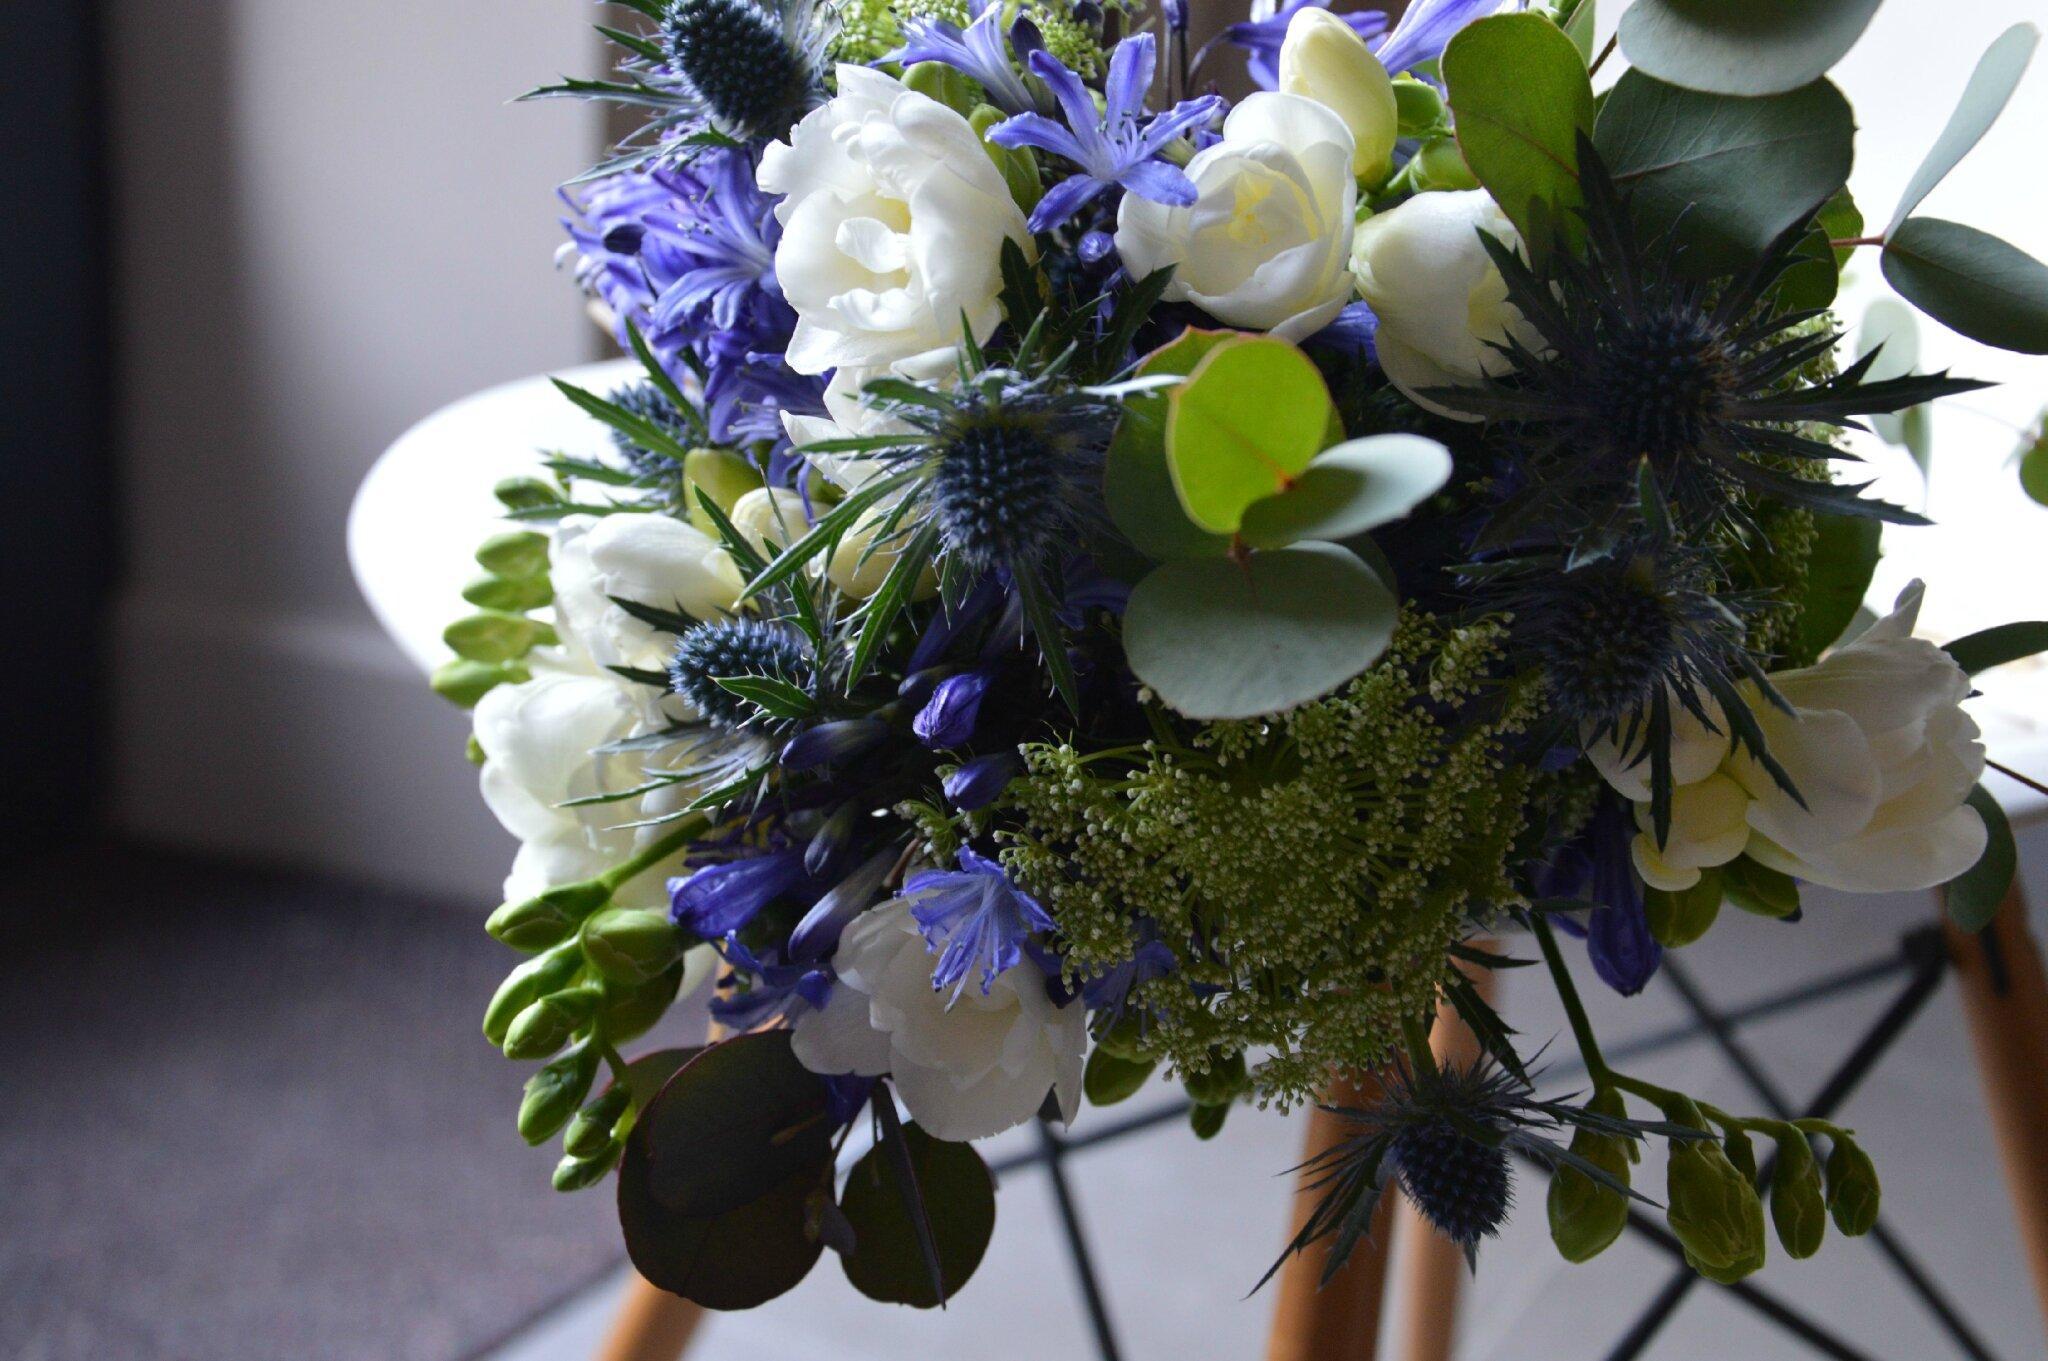 Le c t fleurs bleu de vert autrement vert autrement - Terre pour hortensia bleu ...